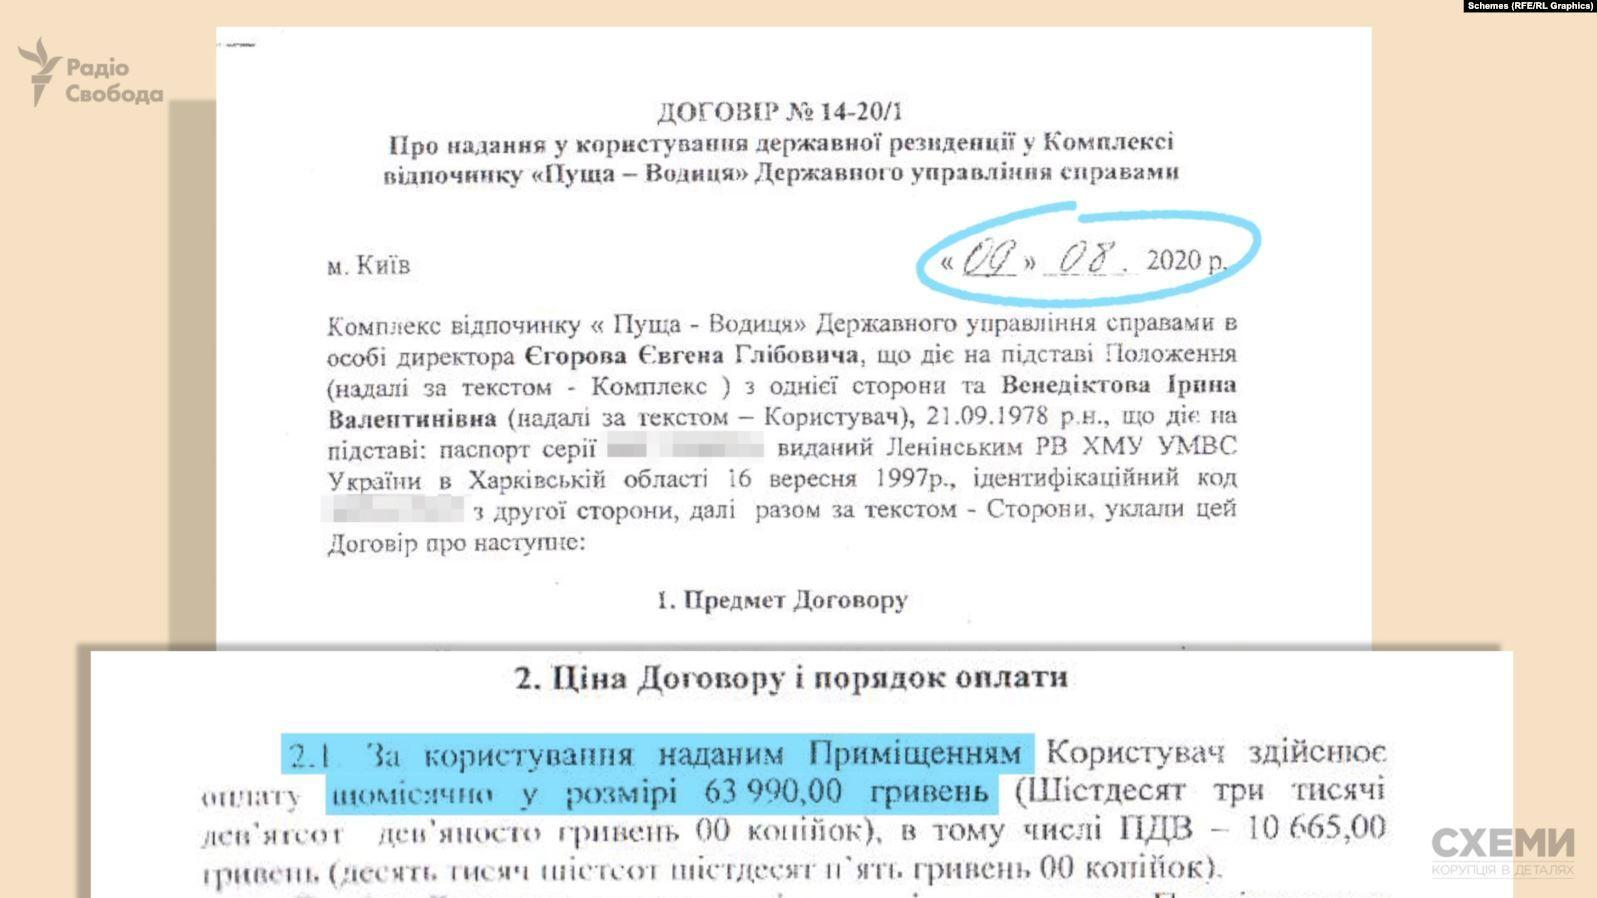 Договор об аренде Венедиктовой госрезиденции.